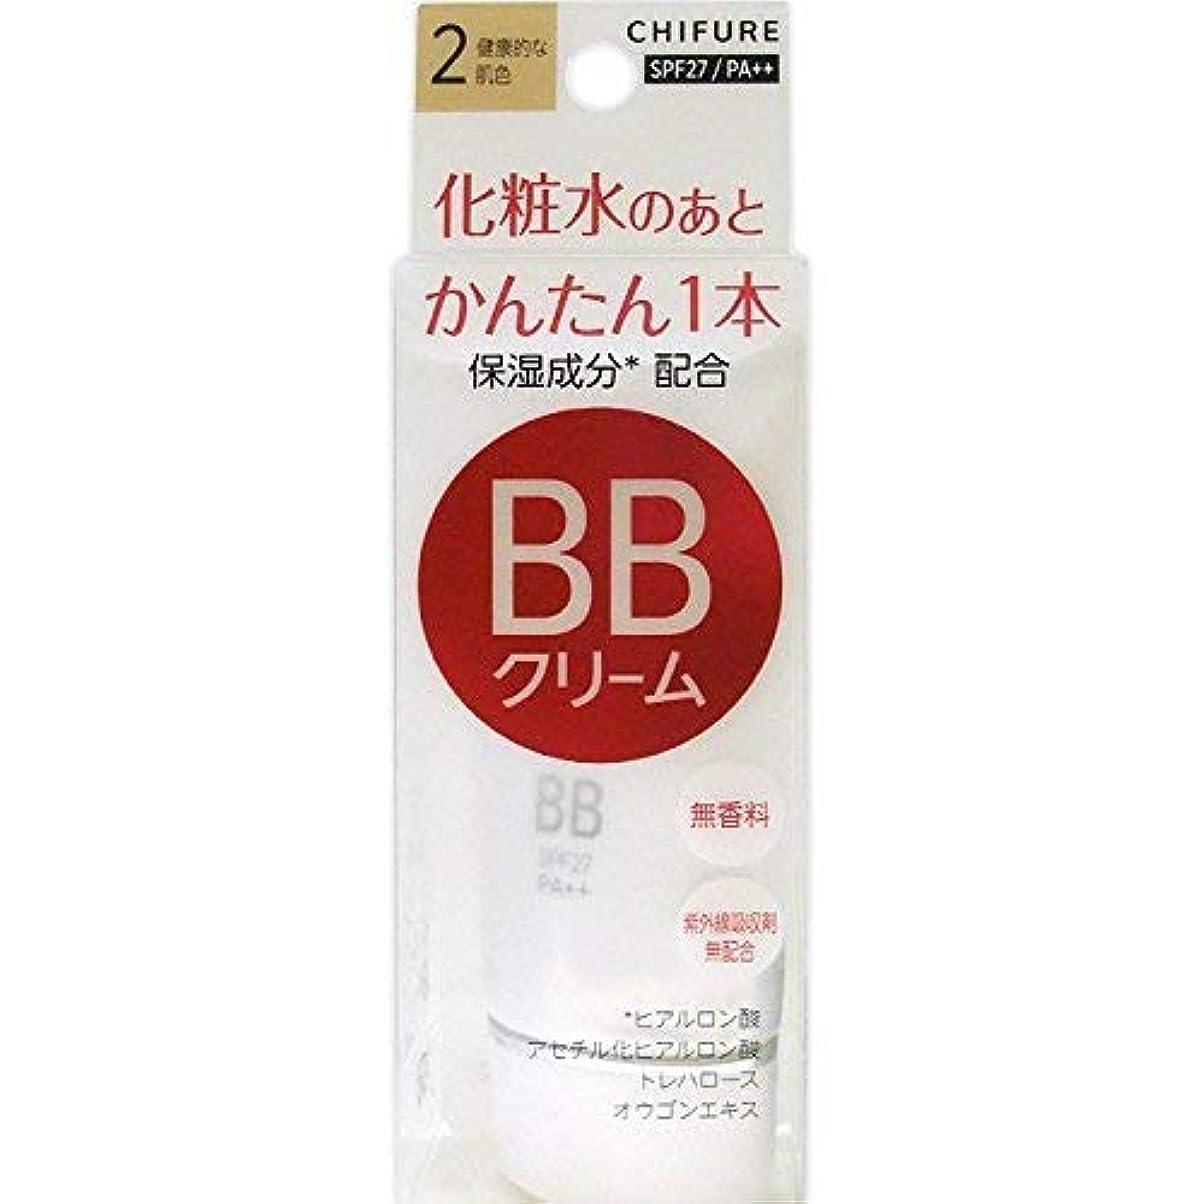 クックコロニー作家ちふれ化粧品 BB クリーム 2 健康的な肌色 BBクリーム 2